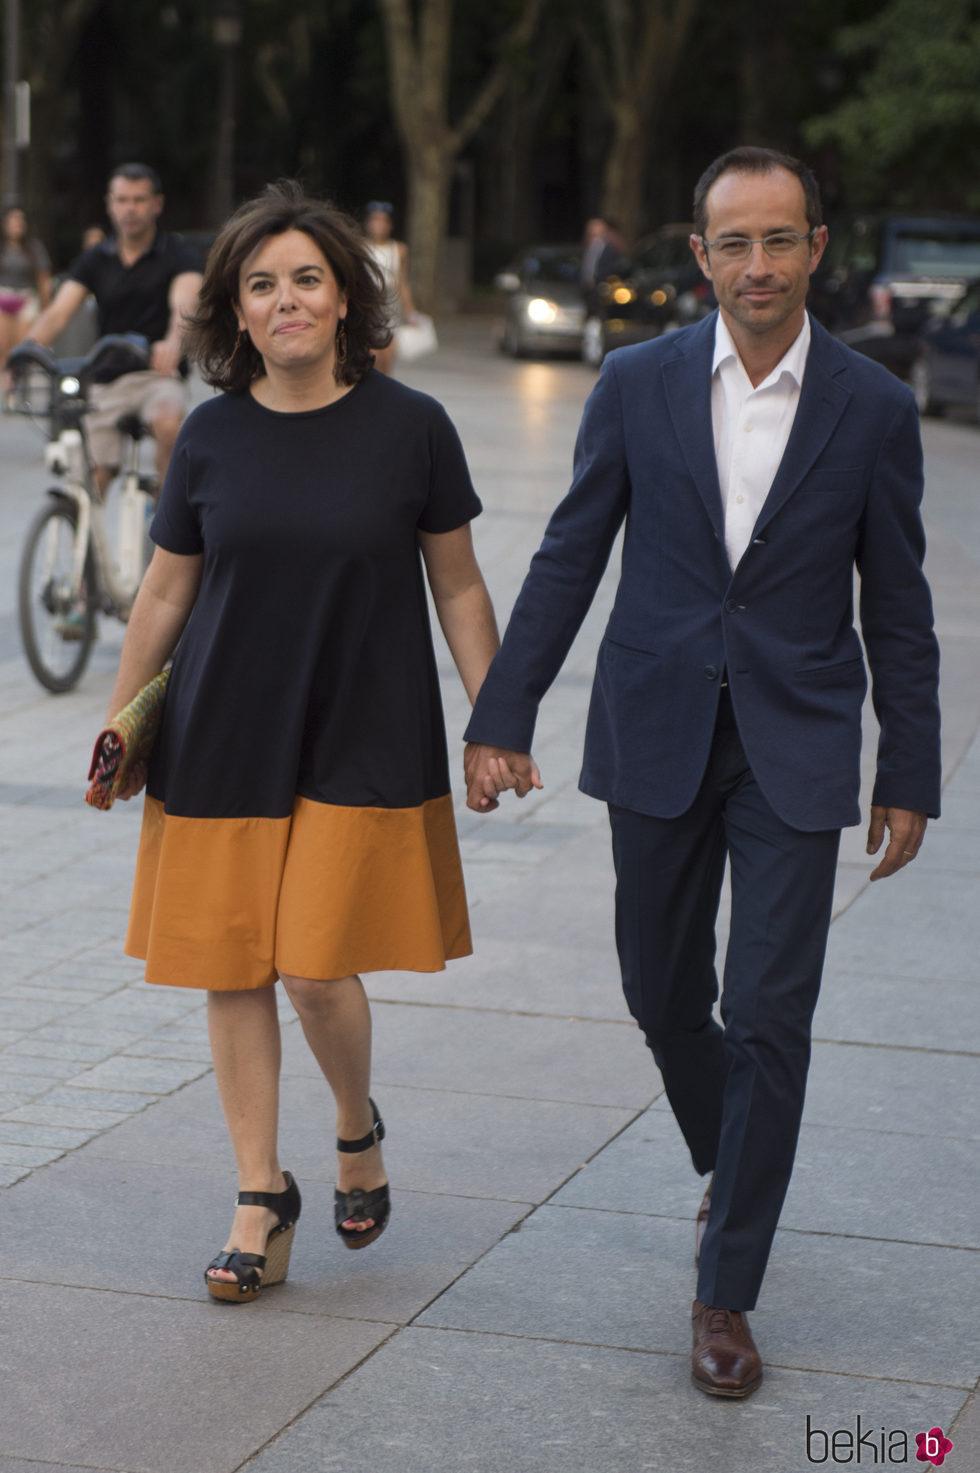 Soraya Saenz de Santamaría y su marido asisten juntos al concierto de Sting en Madrid